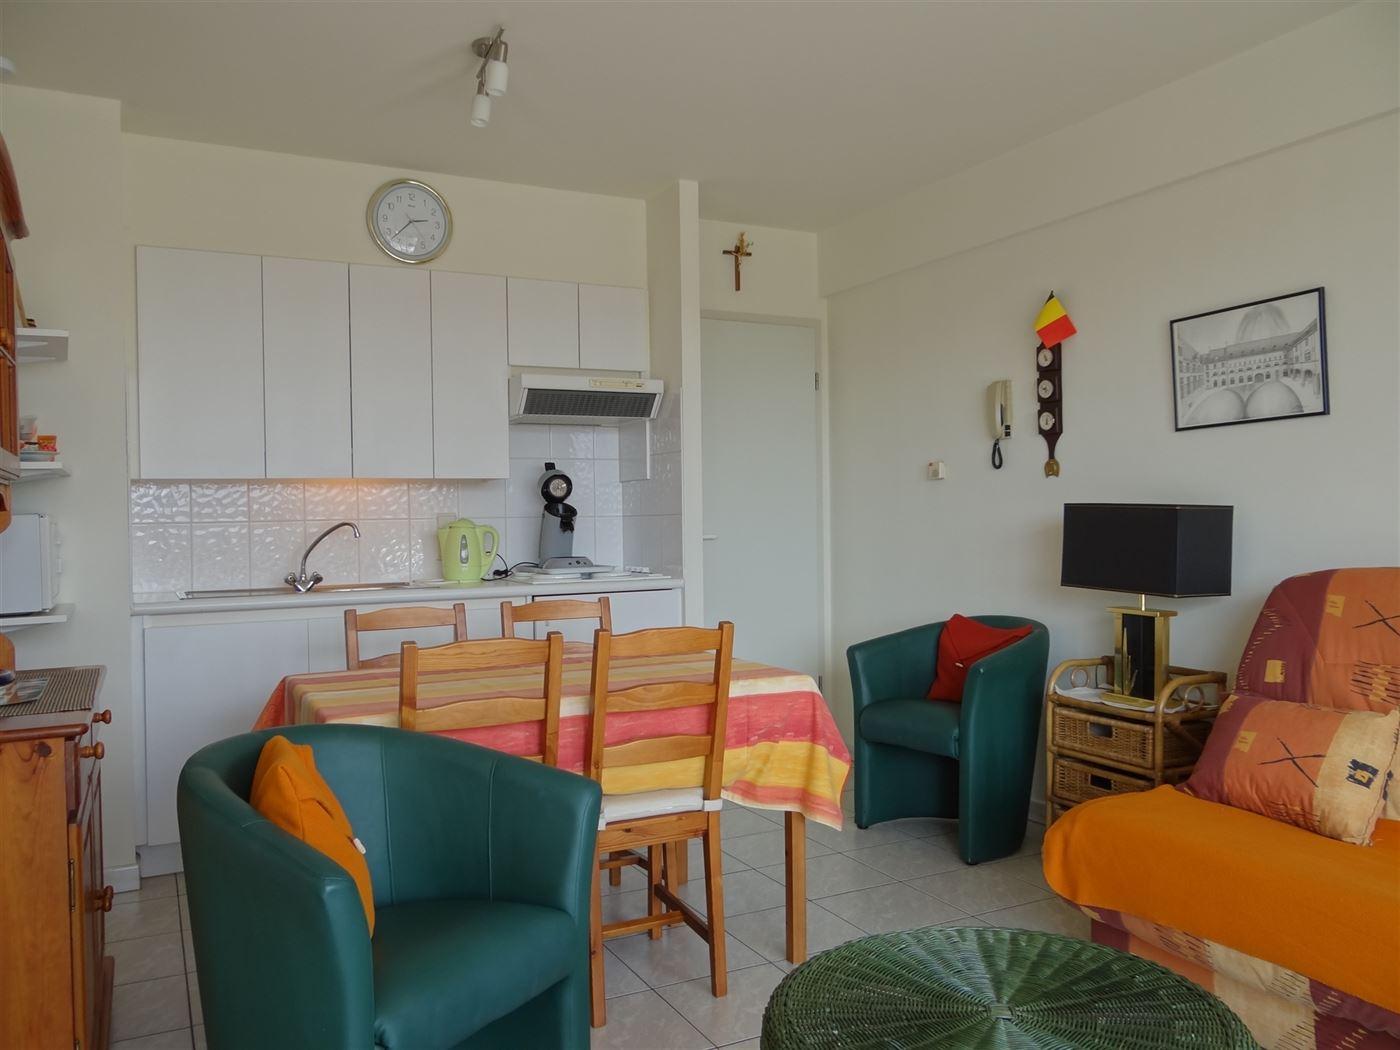 Res. Panorama B 0101 - Gezellige zonnige studio met slaaphoek - Gelegen op de eerste verdieping - Inkom met ruime slaaphoek - Leefruimte met open keuk...